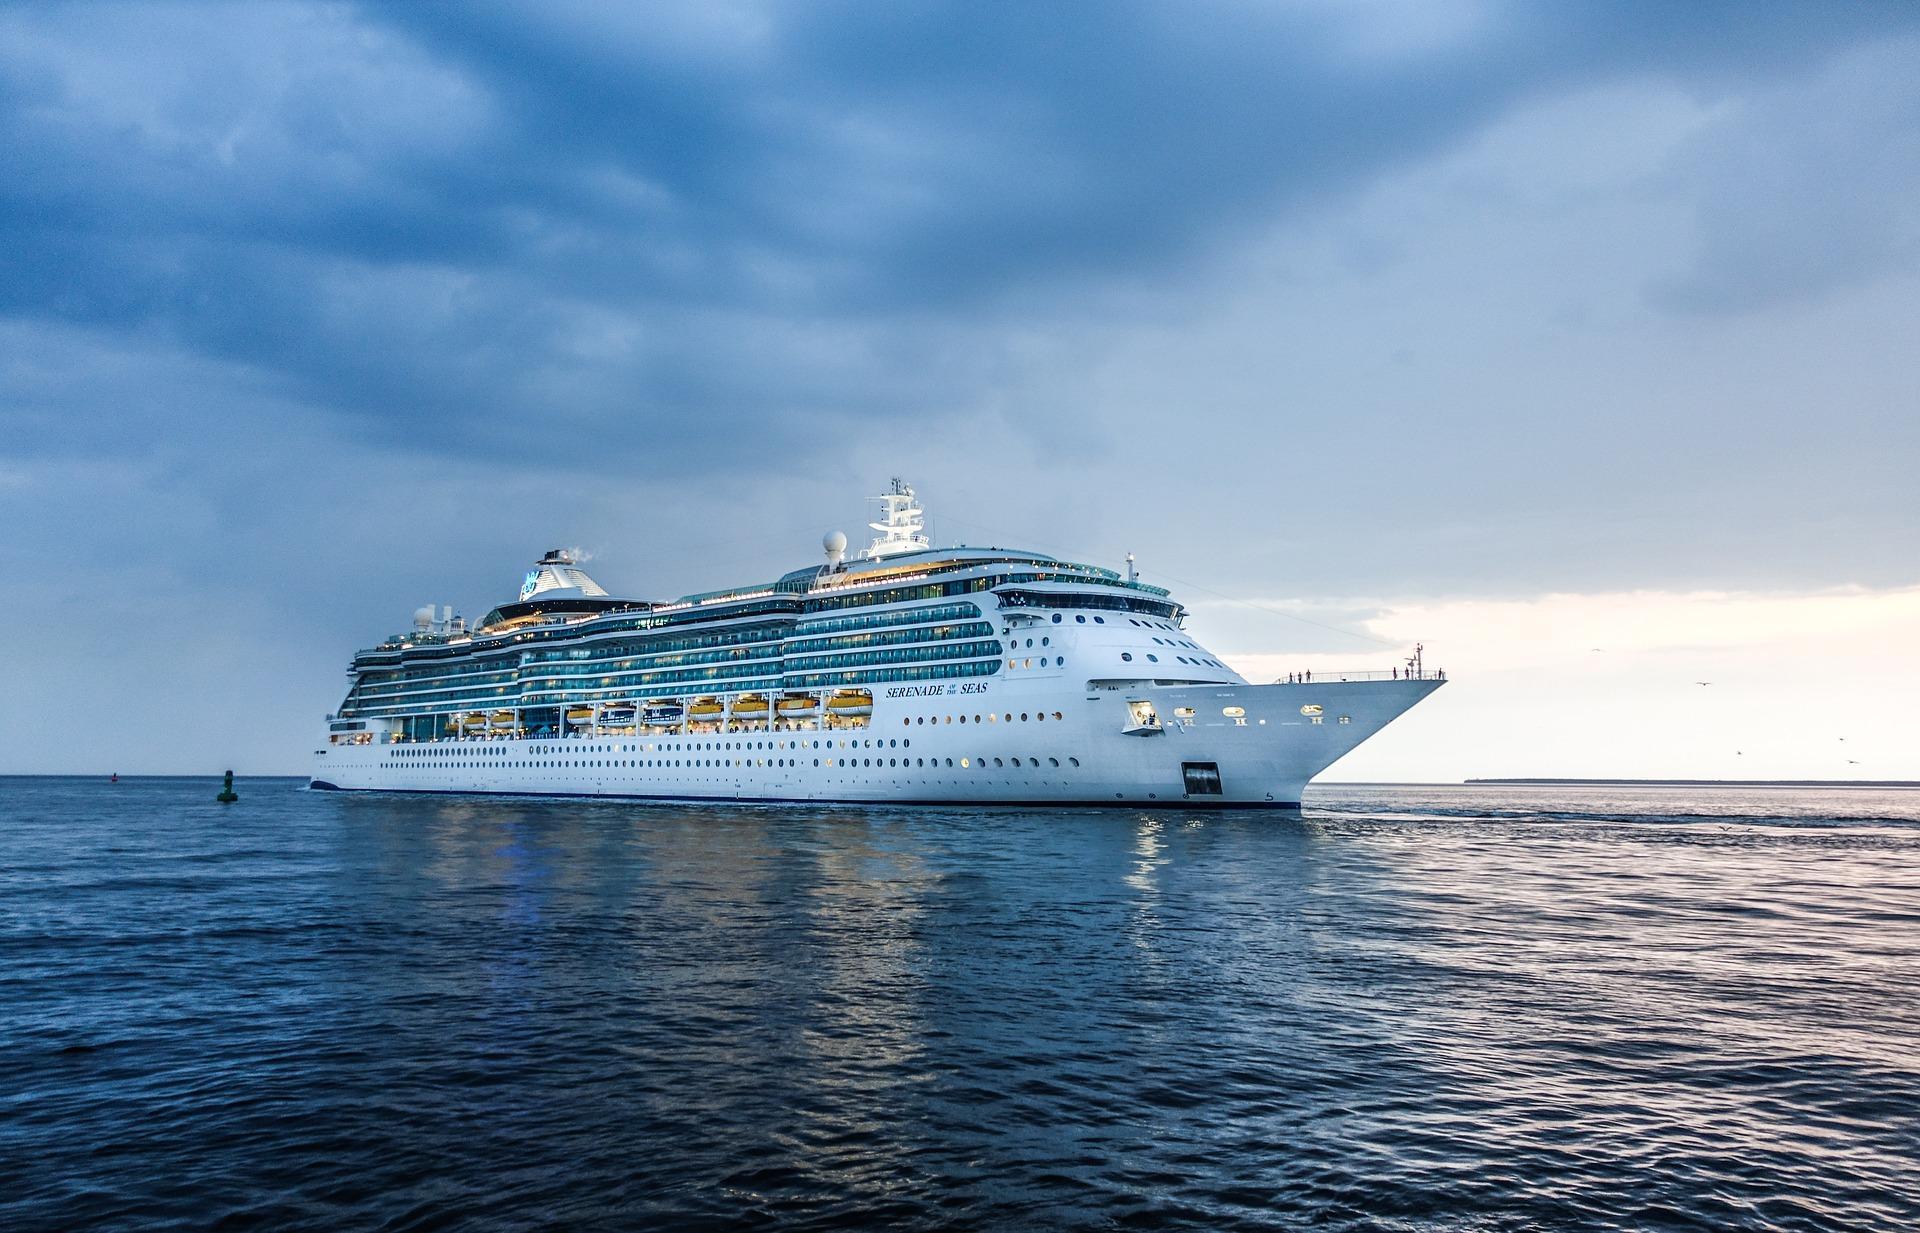 1度は乗ってみたい豪華客船!体験者が船旅の疑問に答えます